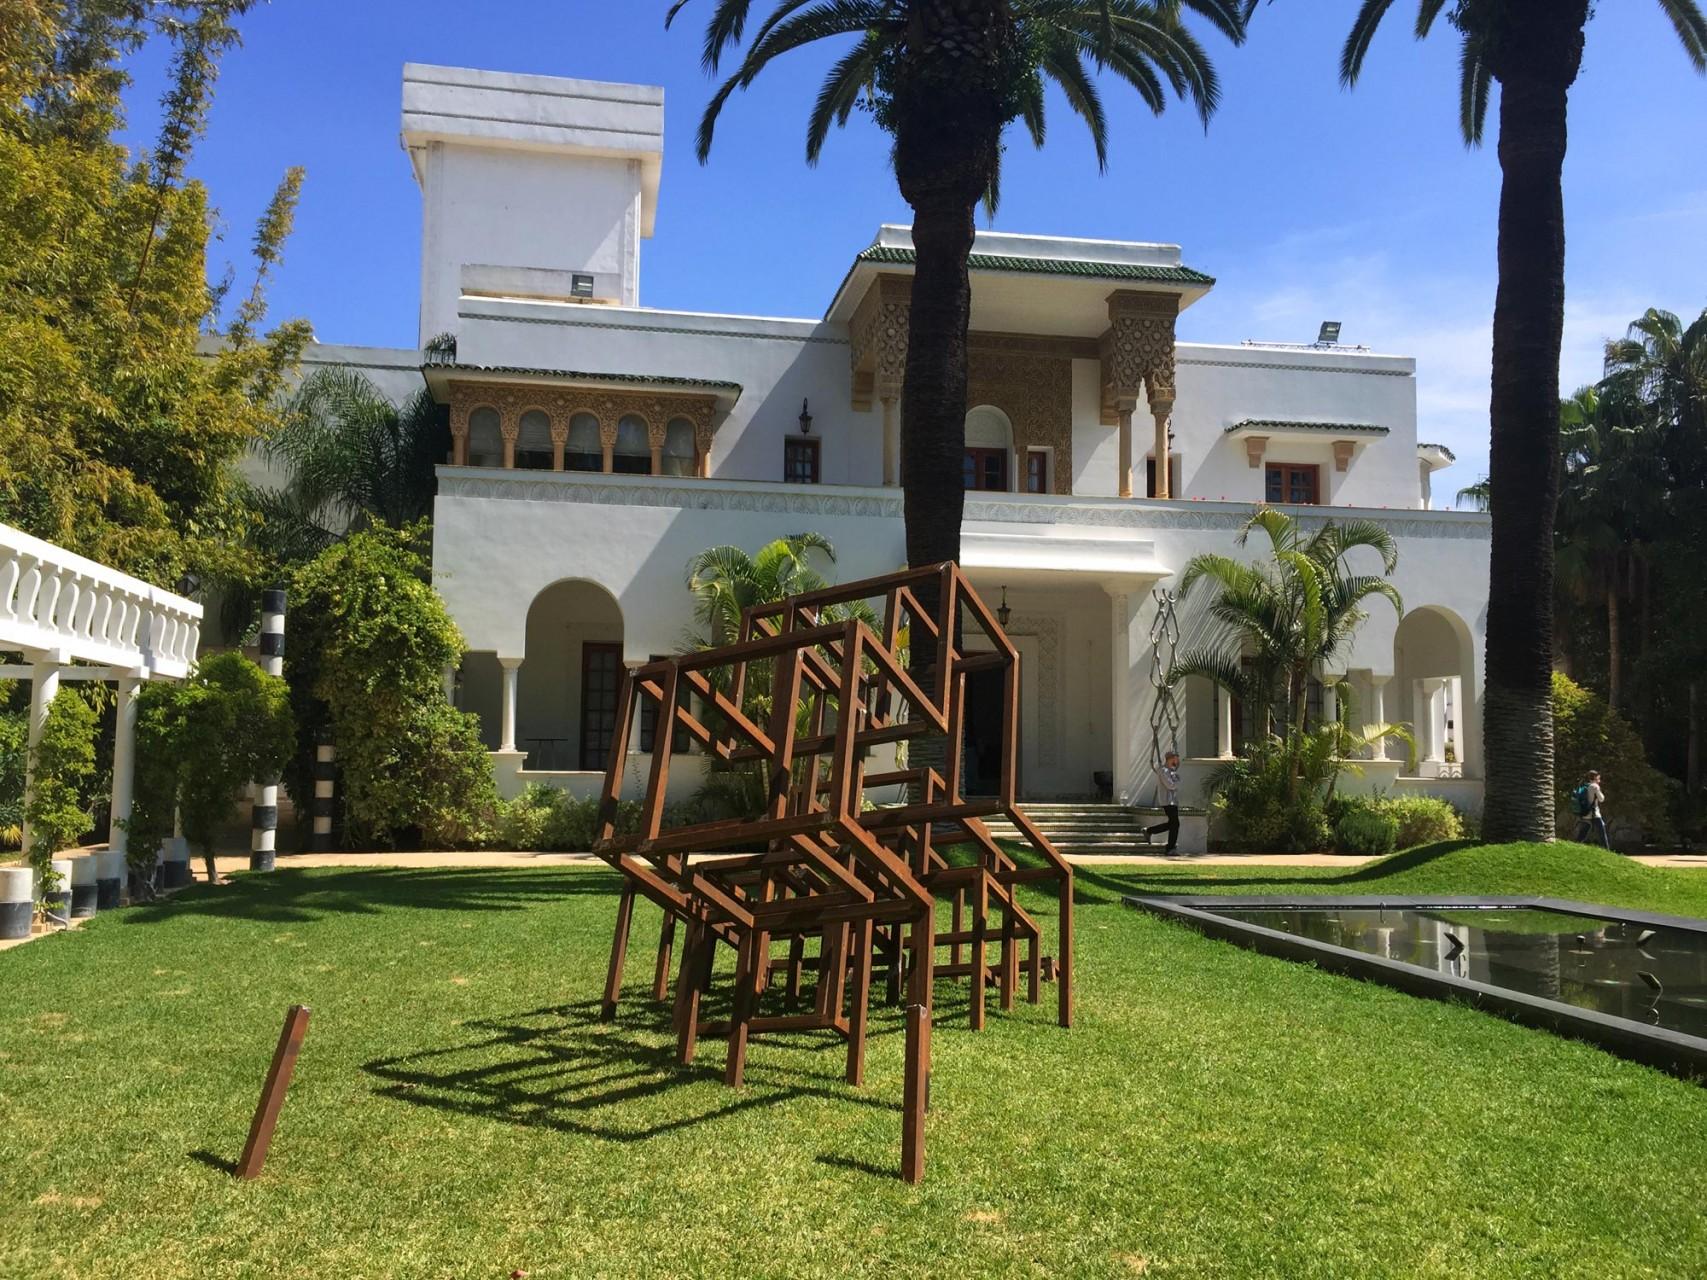 DavidBlochGallery_LATLAS_MorranBenLahcen_VillaDesArts_Casablanca_51-1707x1280.jpg